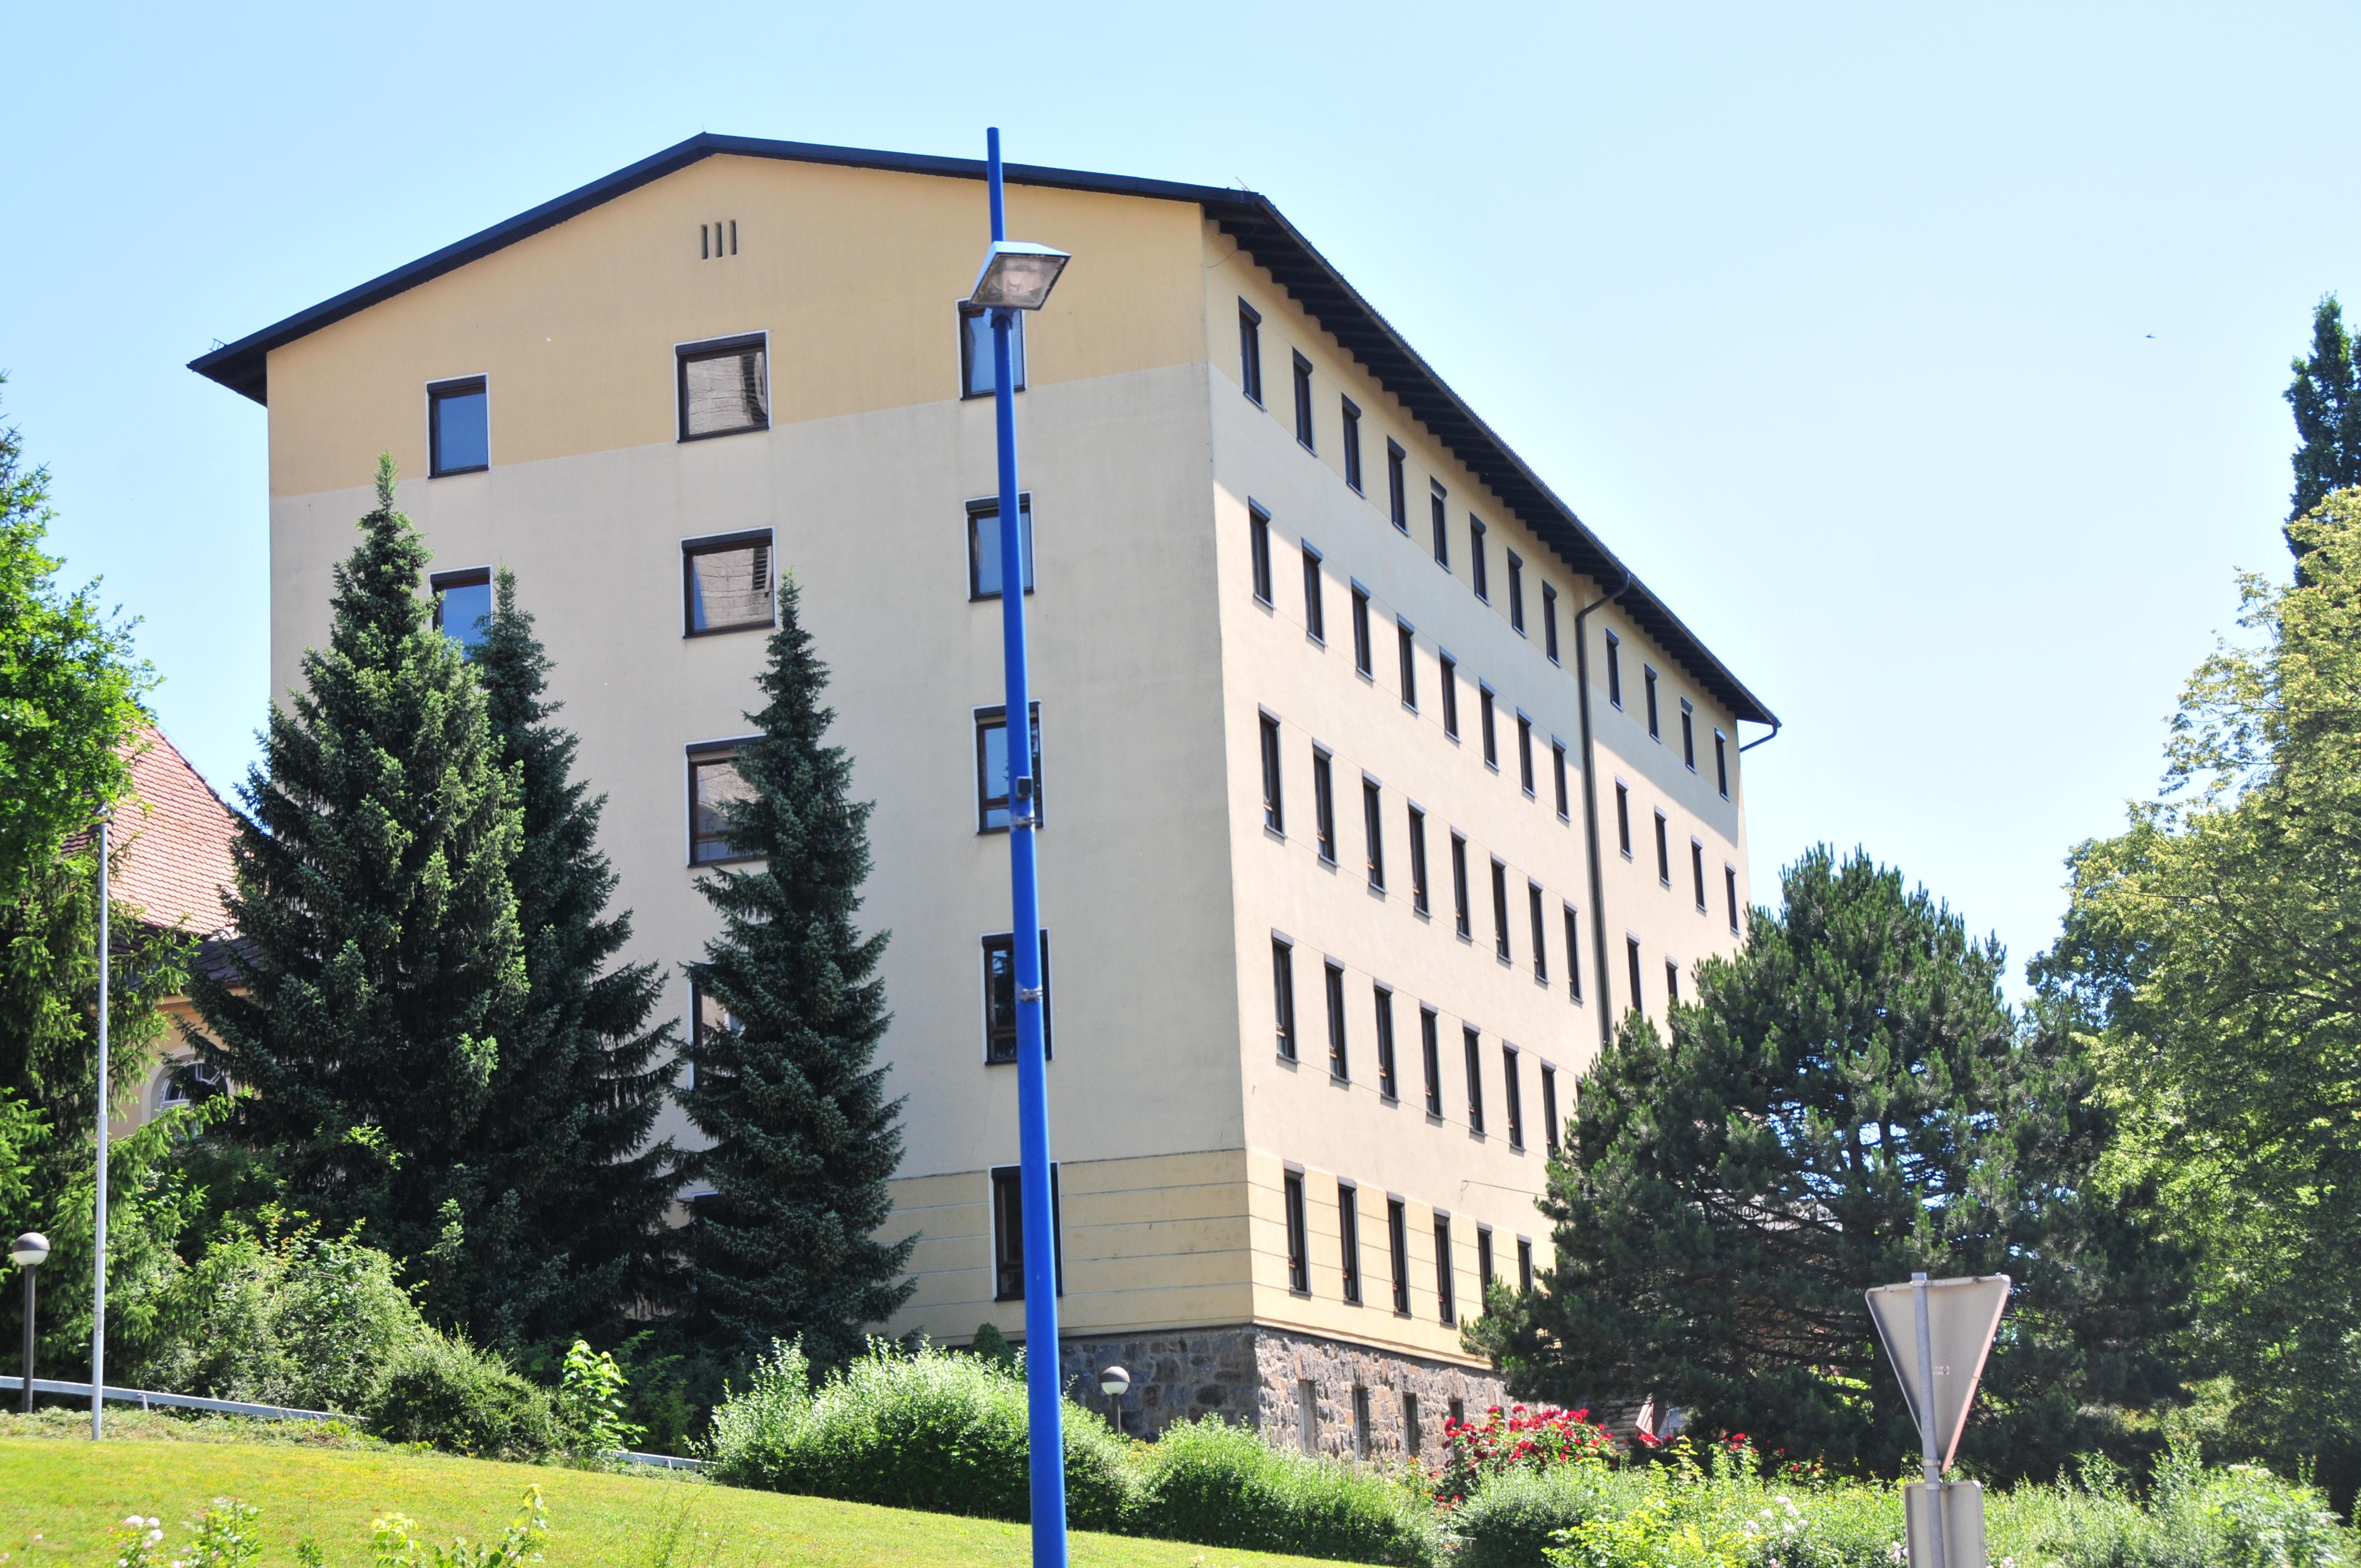 Graz Thermenauslastung Bad Schallerbach